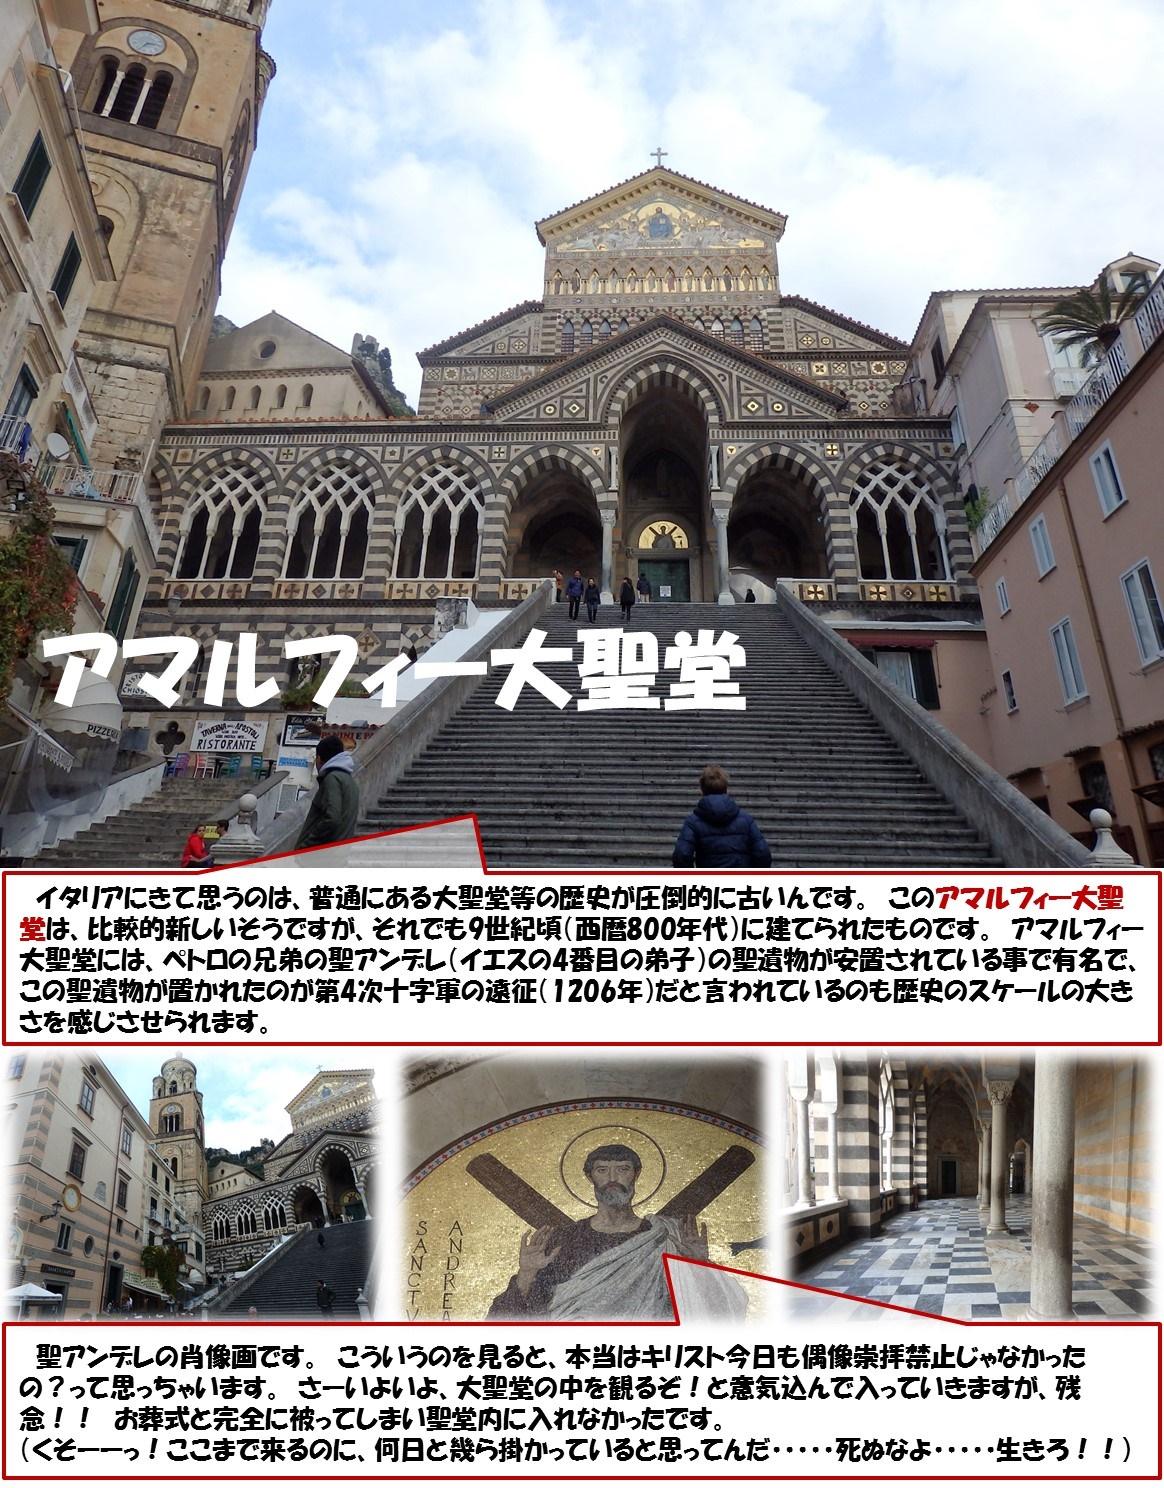 アマルフィー大聖堂  イタリアにきて思うのは、普通にある大聖堂等の歴史が圧倒的に古いんです。 このアマルフィー大聖堂は、比較的新しいそうですが、それでも9世紀頃(西暦800年代)に建てられたものです。 アマルフィー大聖堂には、ペトロの兄弟の聖アンデレ(イエスの4番目の弟子)の聖遺物が安置されている事で有名で、この聖遺物が置かれたのが第4次十字軍の遠征(1206年)だと言われているのも歴史のスケールの大きさを感じさせられます。  聖アンデレの肖像画です。 こういうのを見ると、本当はキリスト今日も偶像崇拝禁止じゃなかったの?って思っちゃいます。 さーいよいよ、大聖堂の中を観るぞ!と意気込んで入っていきますが、残念!! お葬式と完全に被ってしまい聖堂内に入れなかったです。  (くそーーっ!ここまで来るのに、何日と幾ら掛かっていると思ってんだ・・・・・死ぬなよ・・・・・生きろ!!)